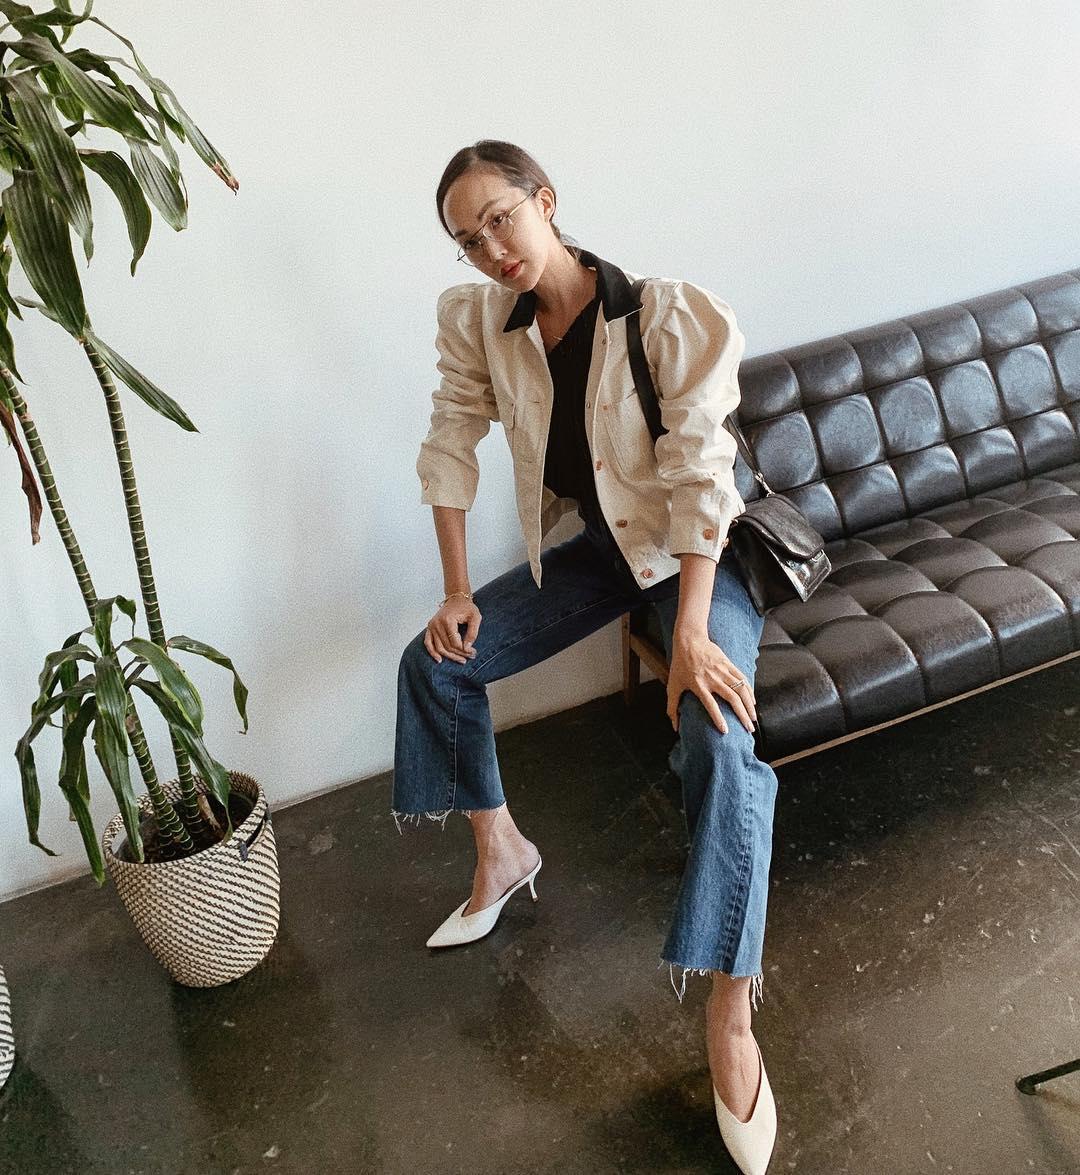 Chriselle Lim mang giày mules mũi nhọn màu trắng, mặc áo blazer, quần jeans